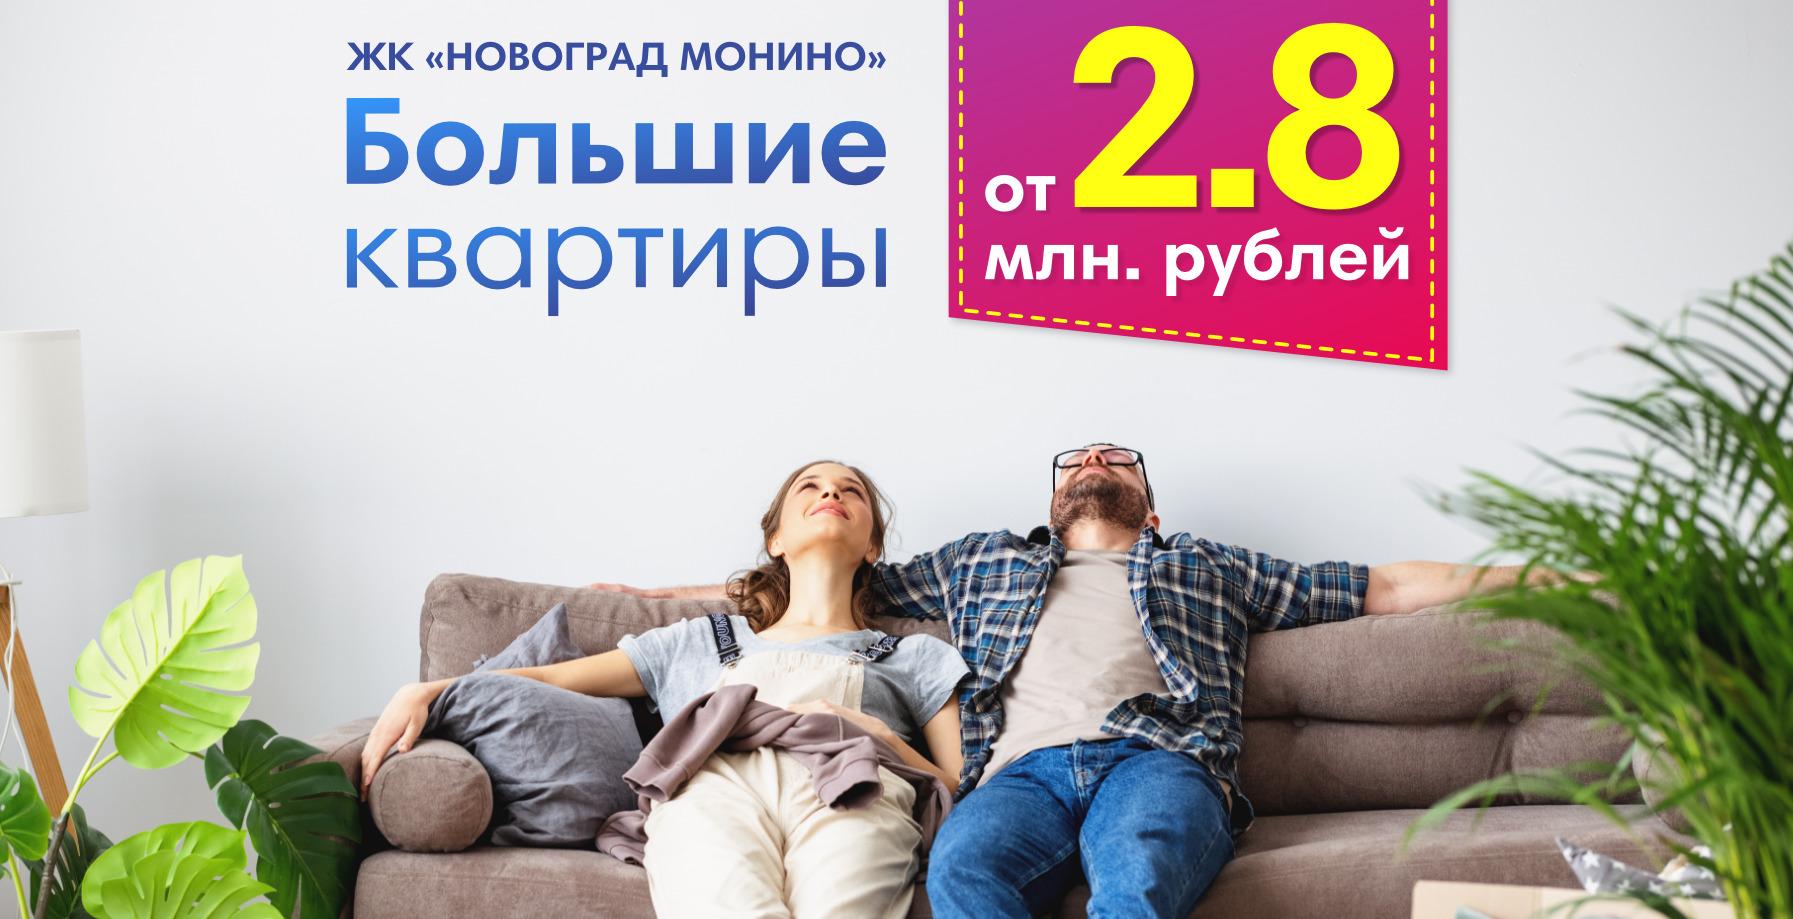 Большие квартиры в ЖК Новоград Монино